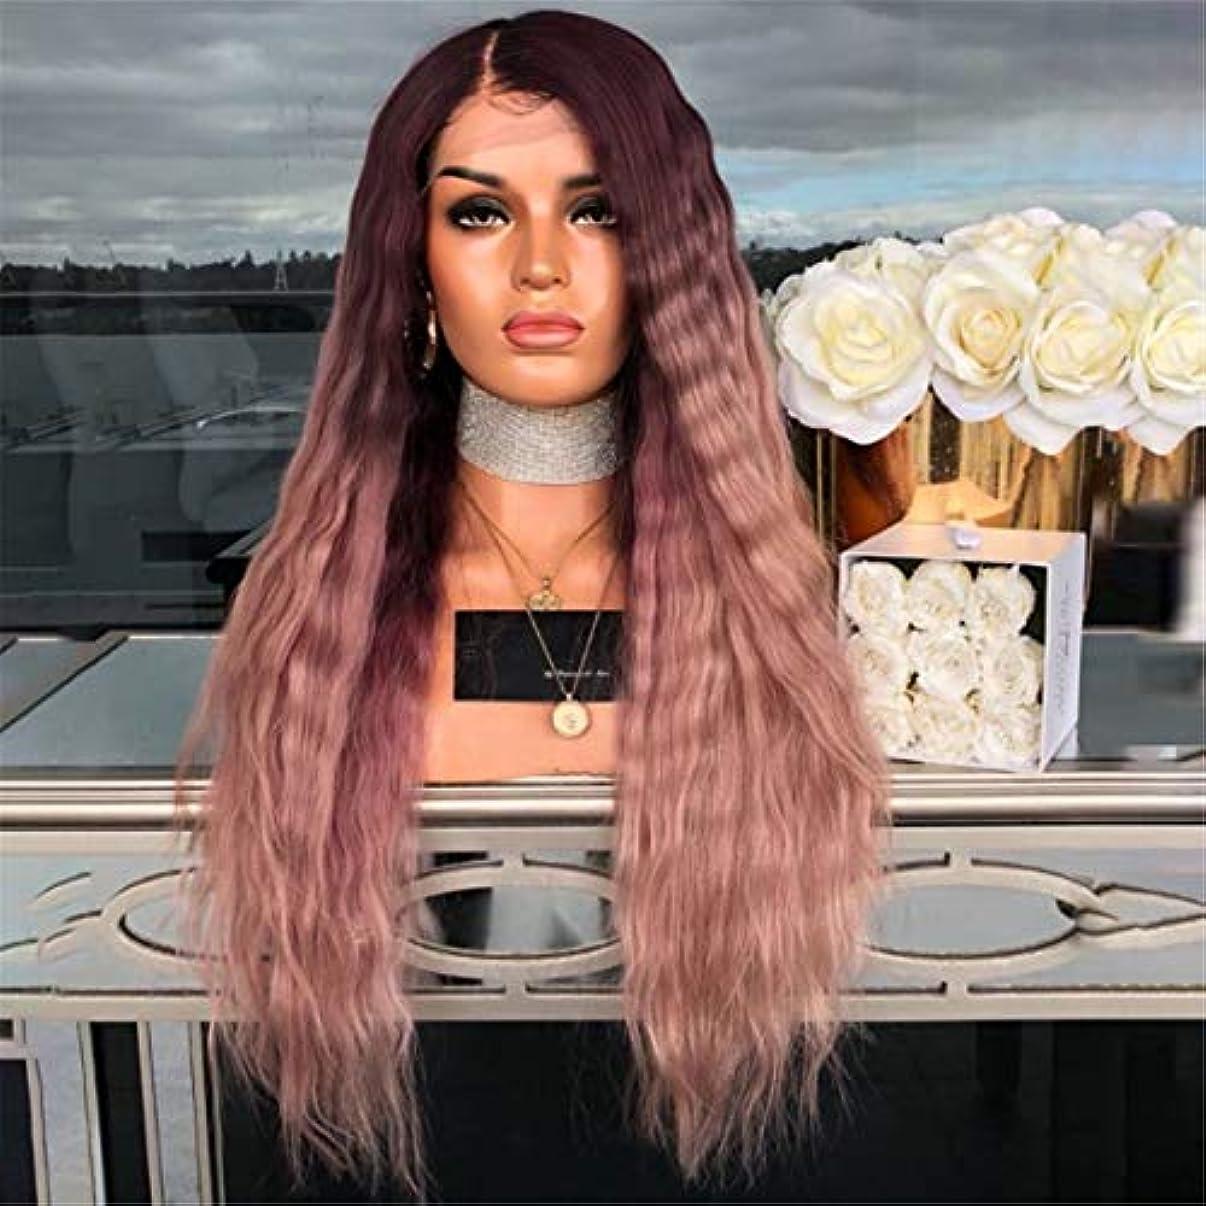 知覚的銅虐殺Intercorey 1101-976人工毛ロングウェーブのかかったかつらレディース耐熱性のある女性偽の髪女性の髪飾り